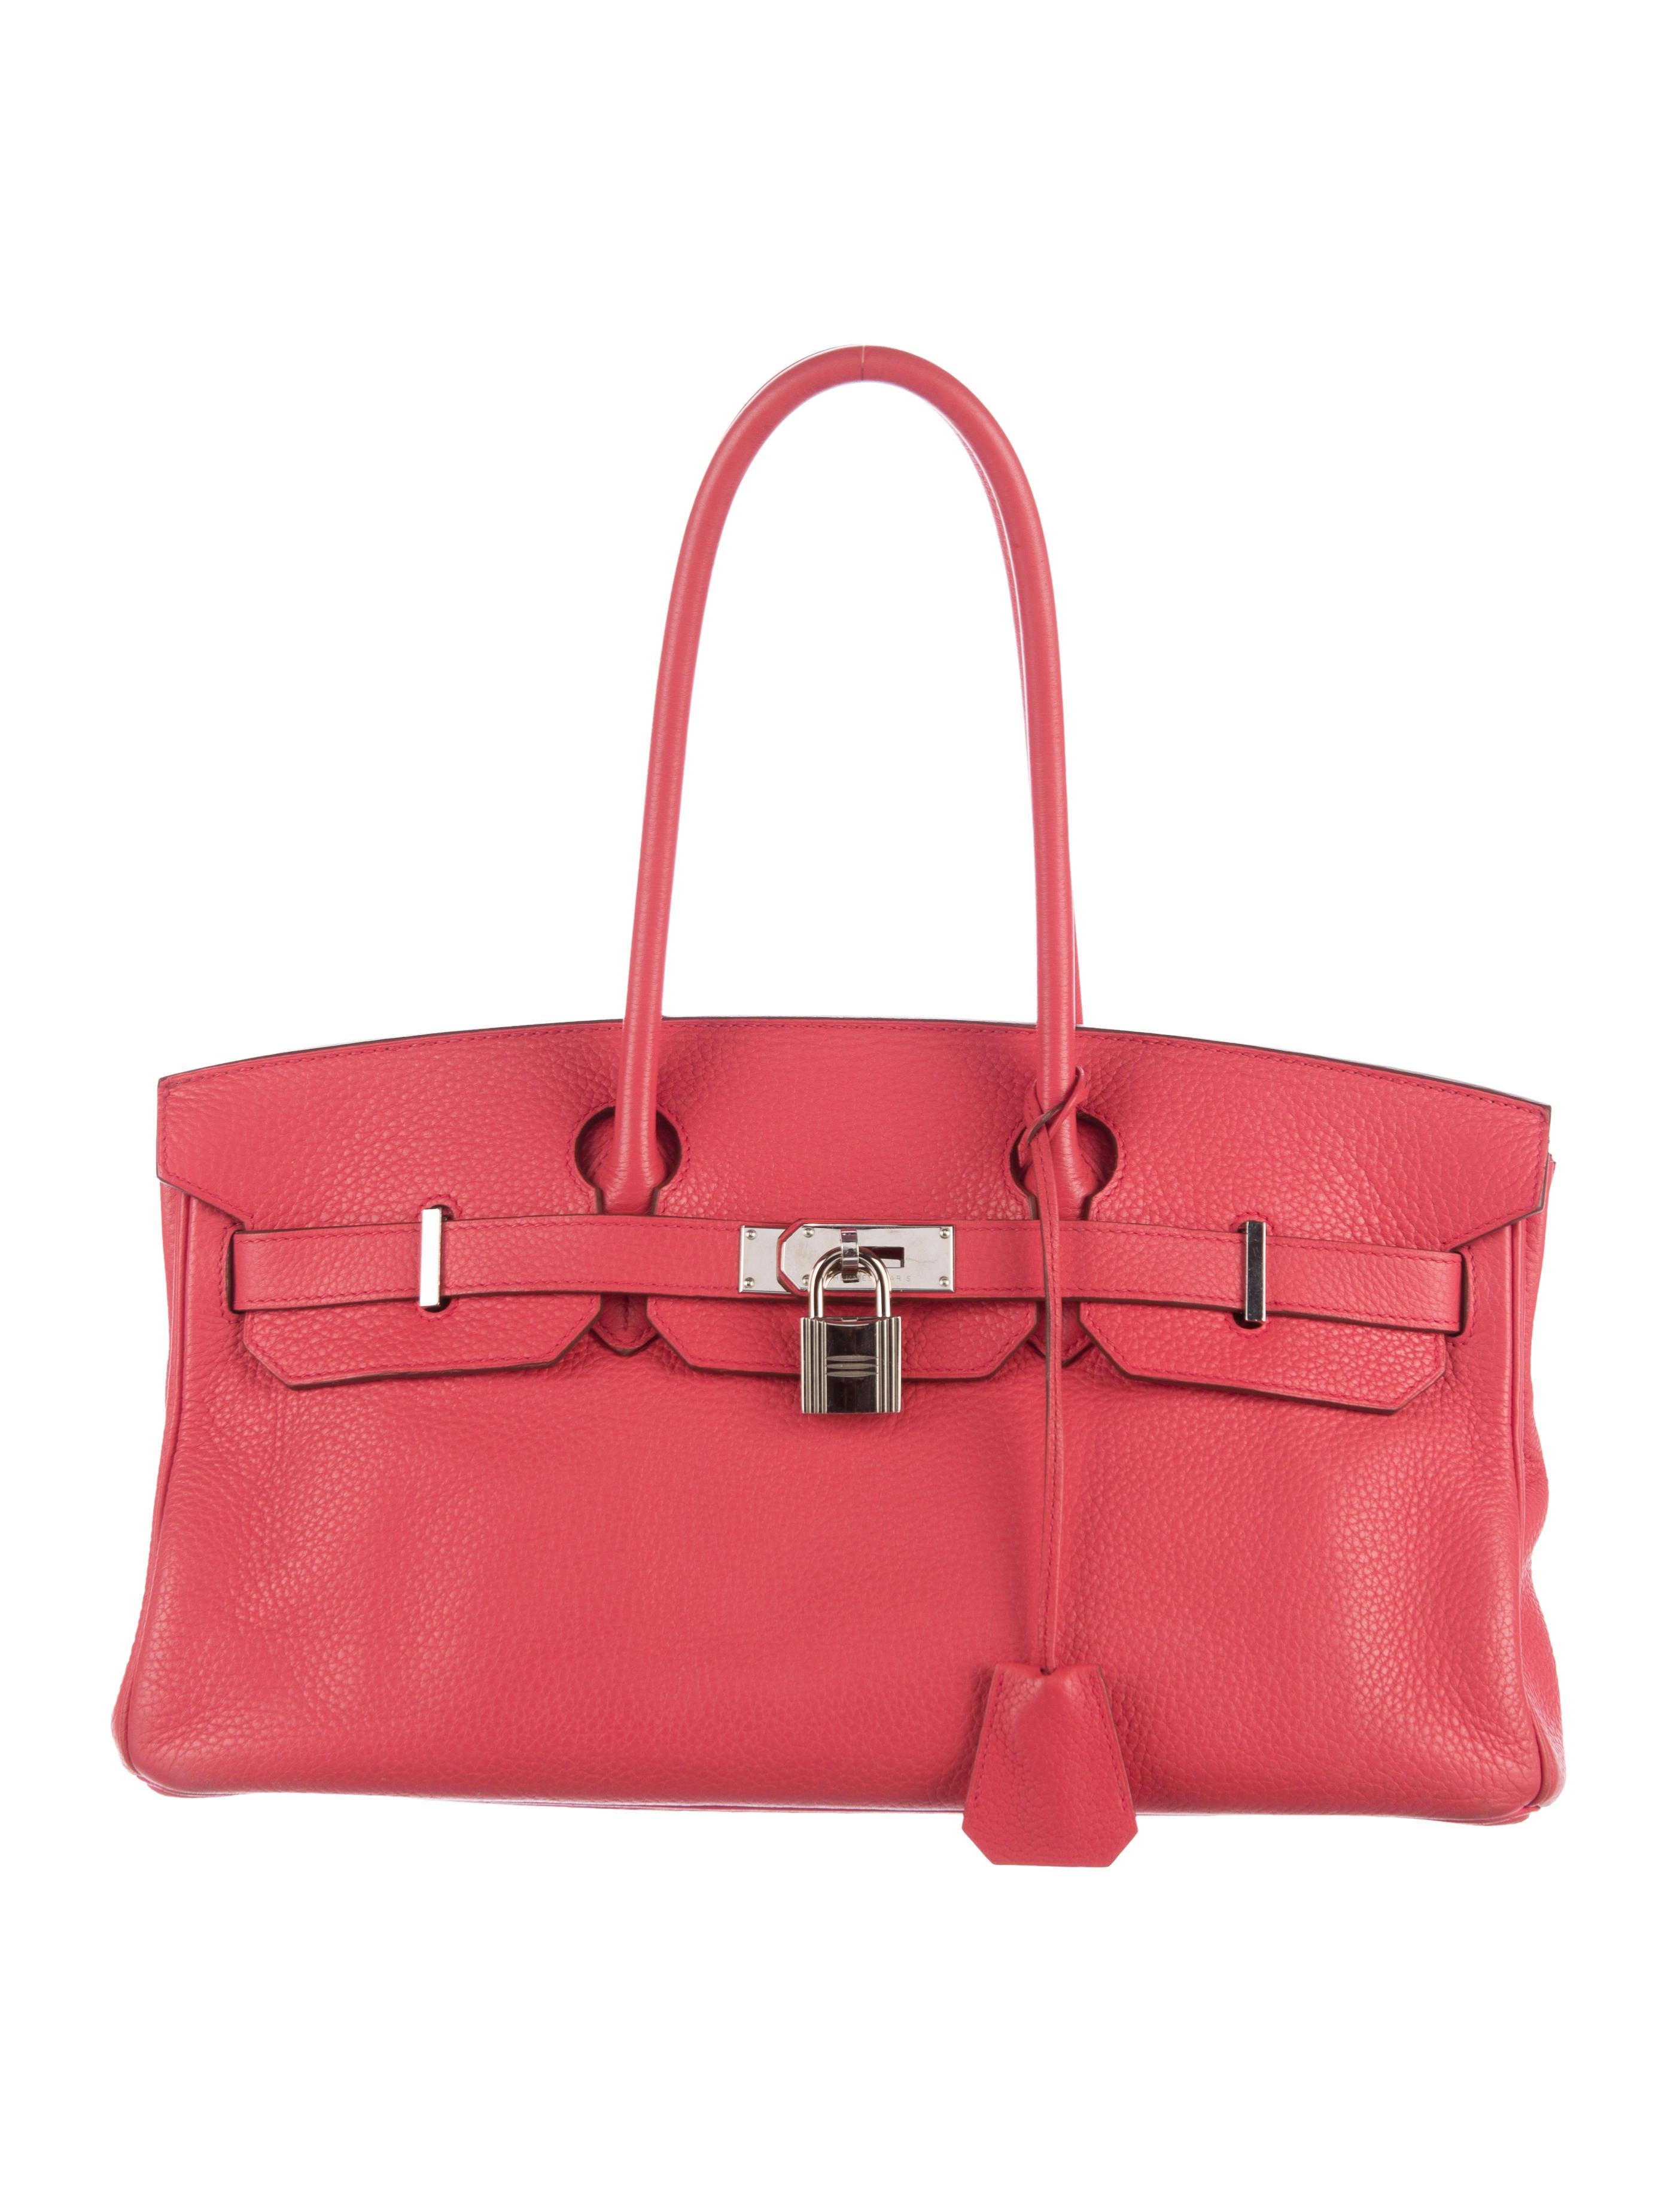 Hermes Birkin Shoulder Bag Price